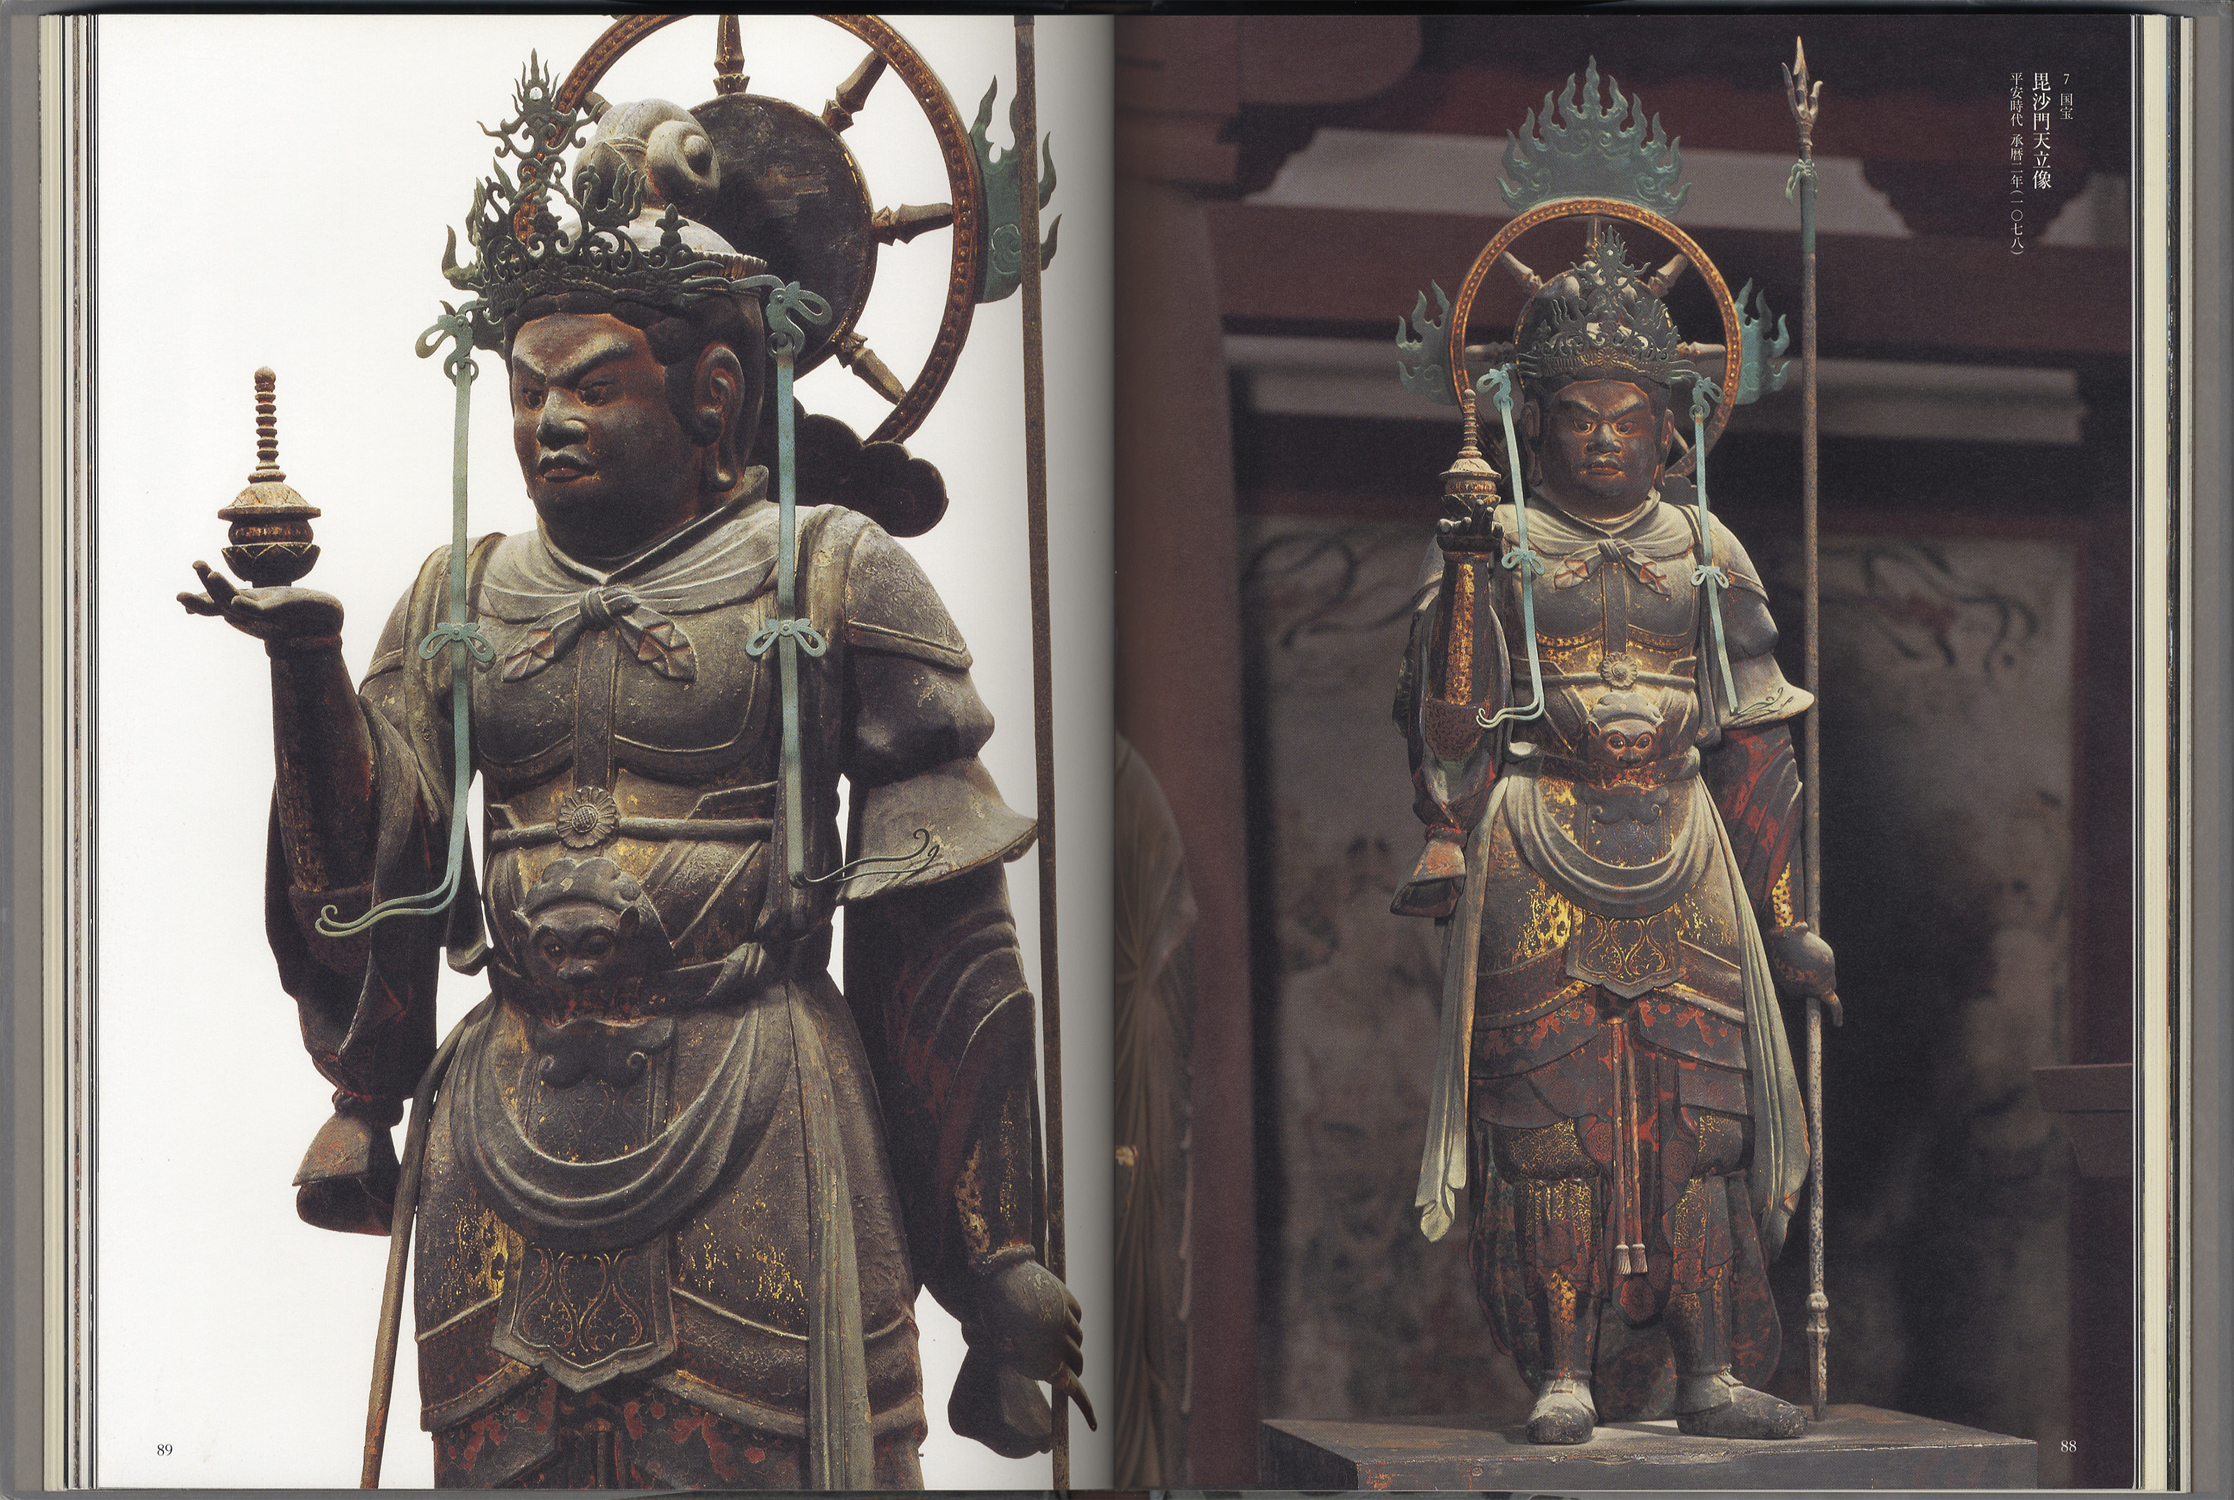 国宝 法隆寺金堂展 目録[image2]